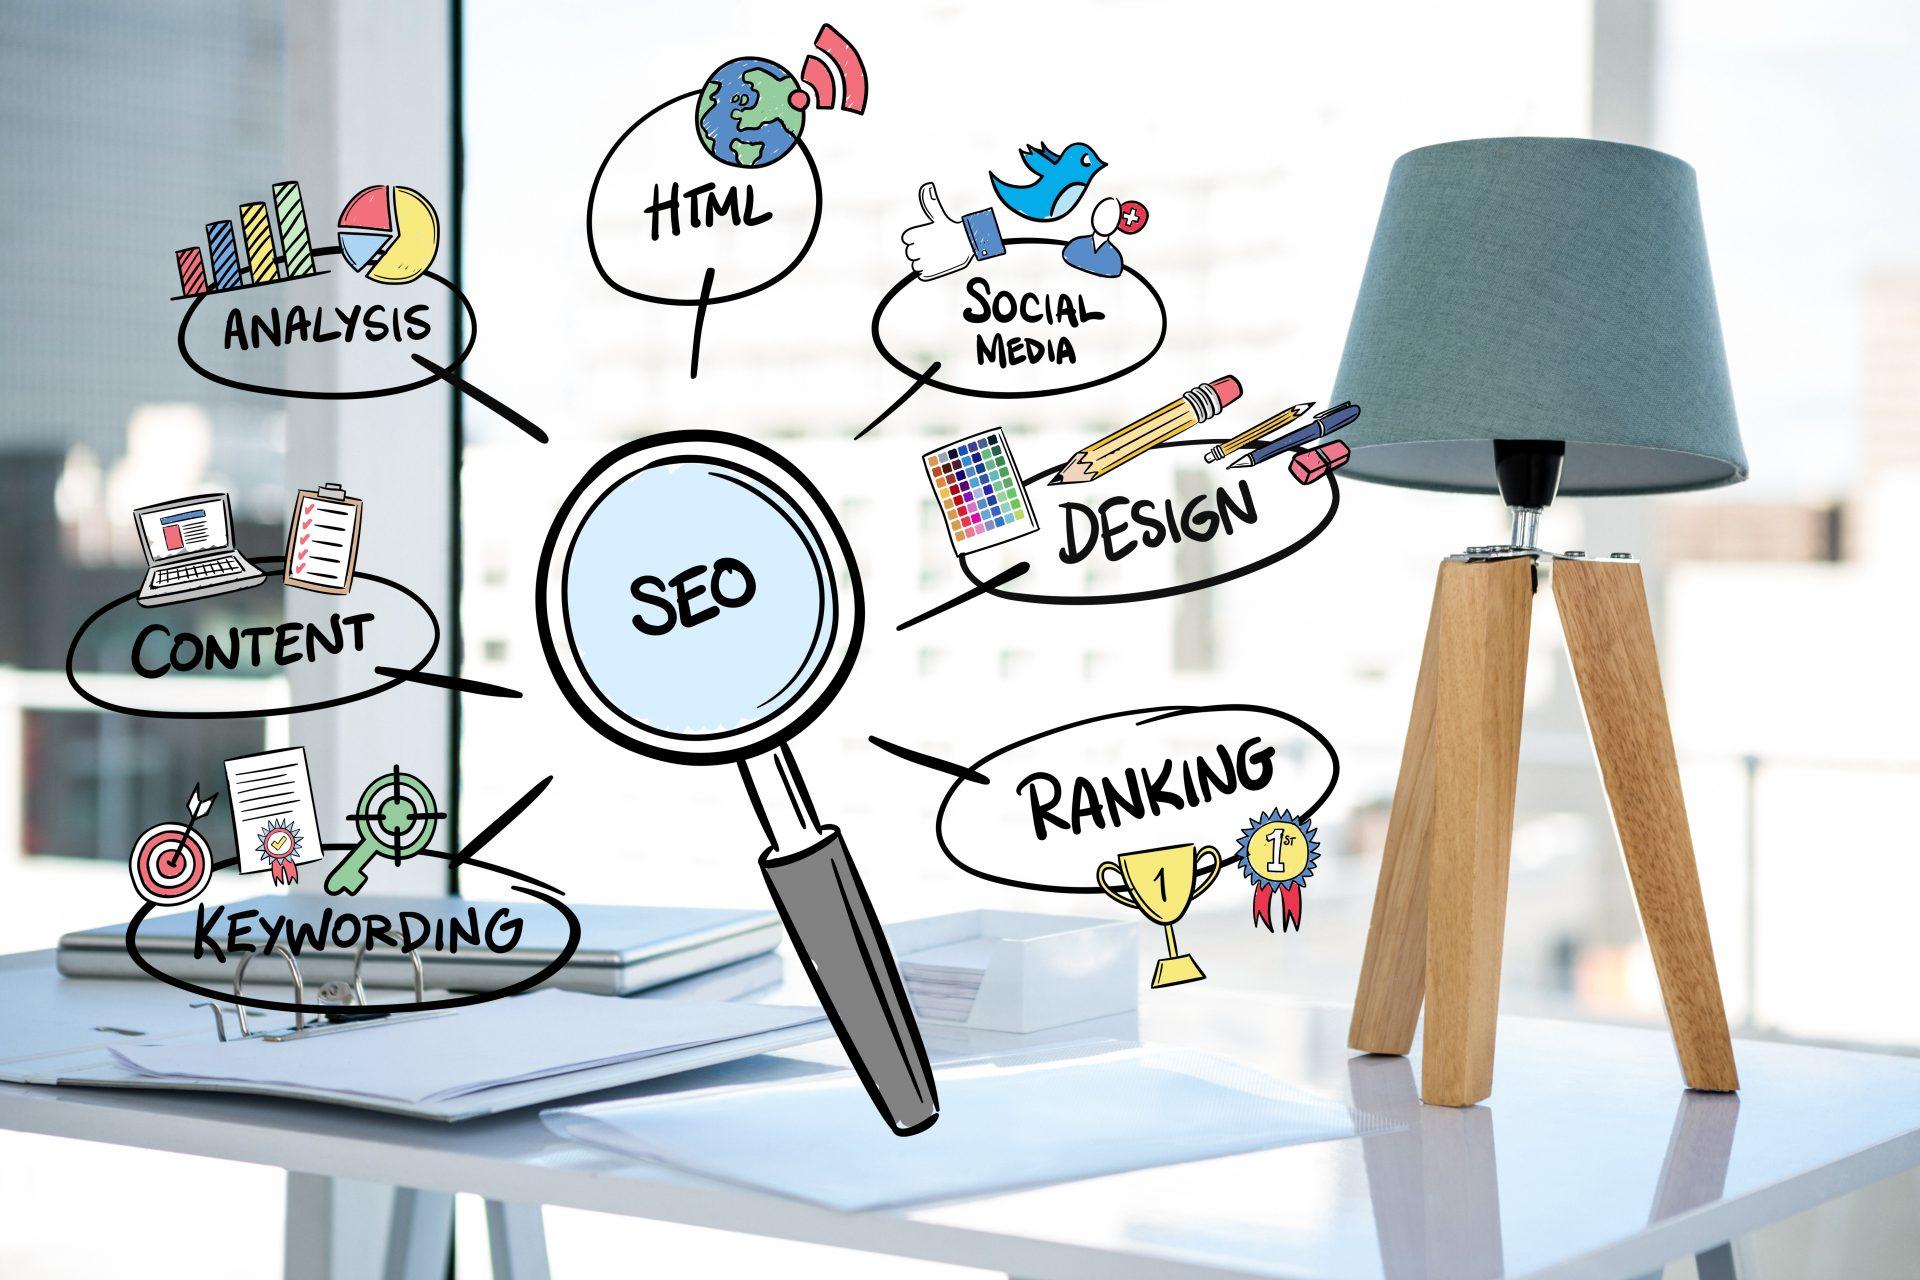 ทำอย่างไรให้เว็บไซต์ติดอันดับ Google ด้วย SEO